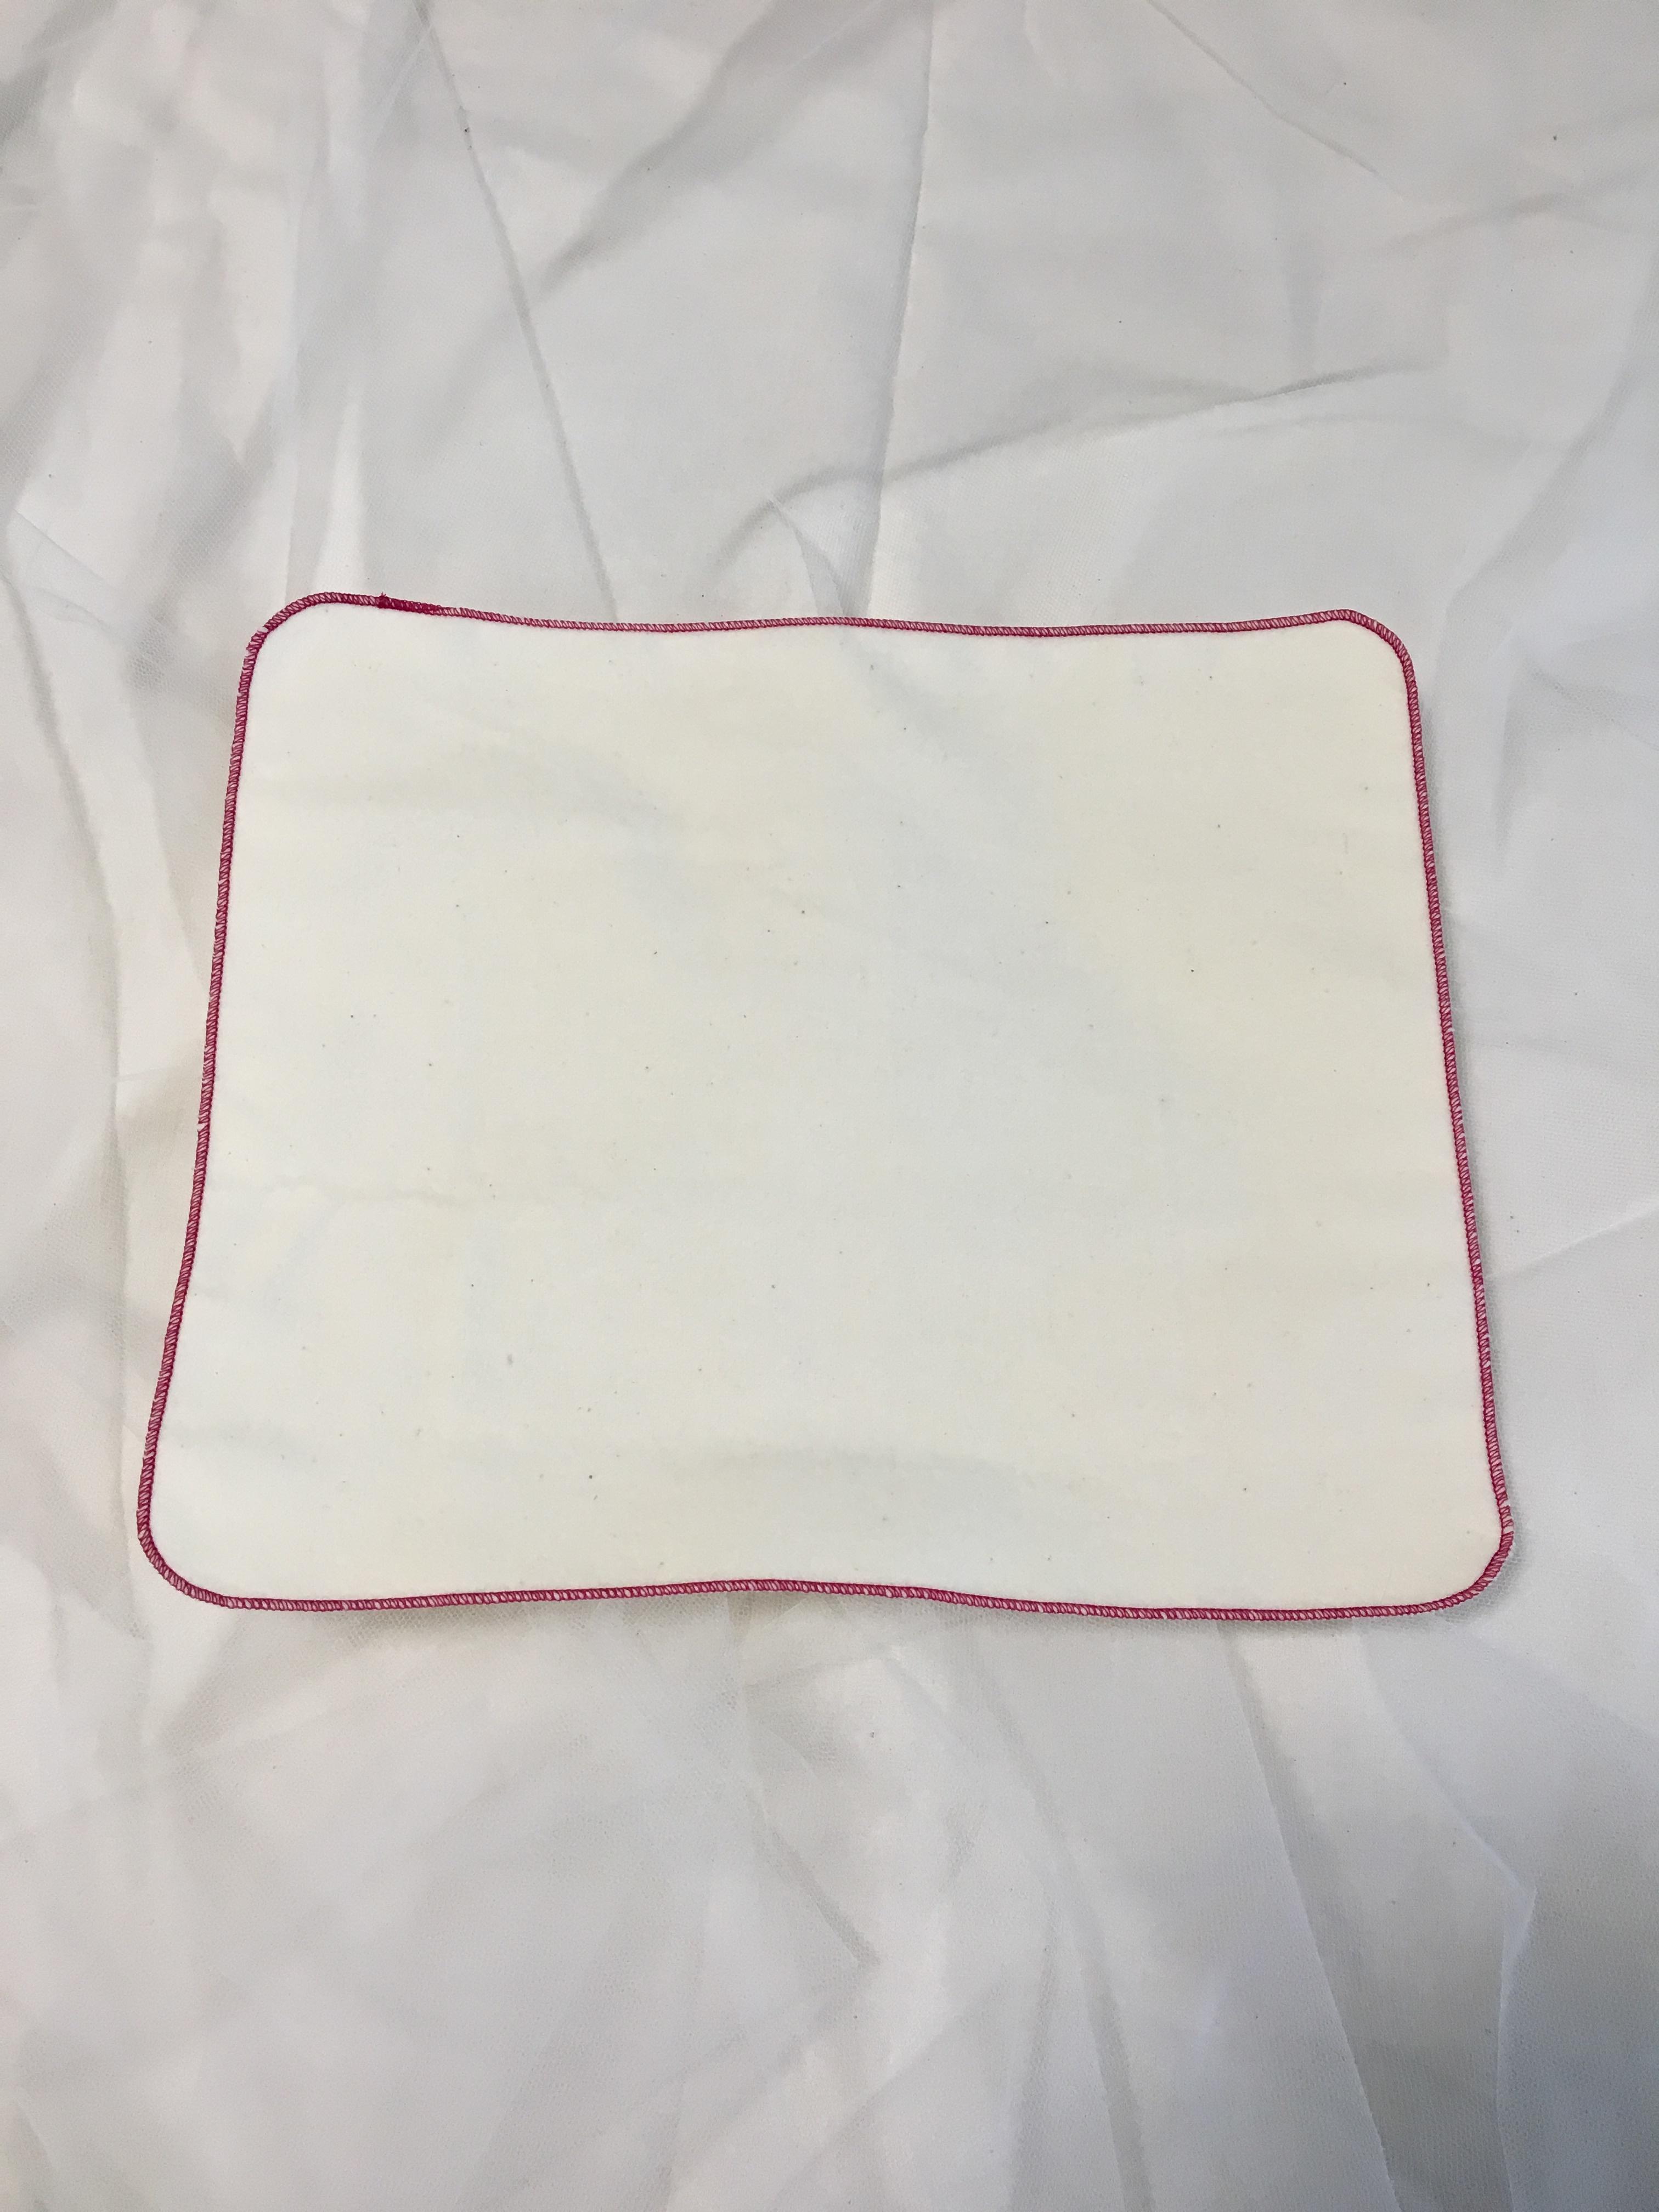 ハンカチタイプの布ナプキン チャクラカラーSET